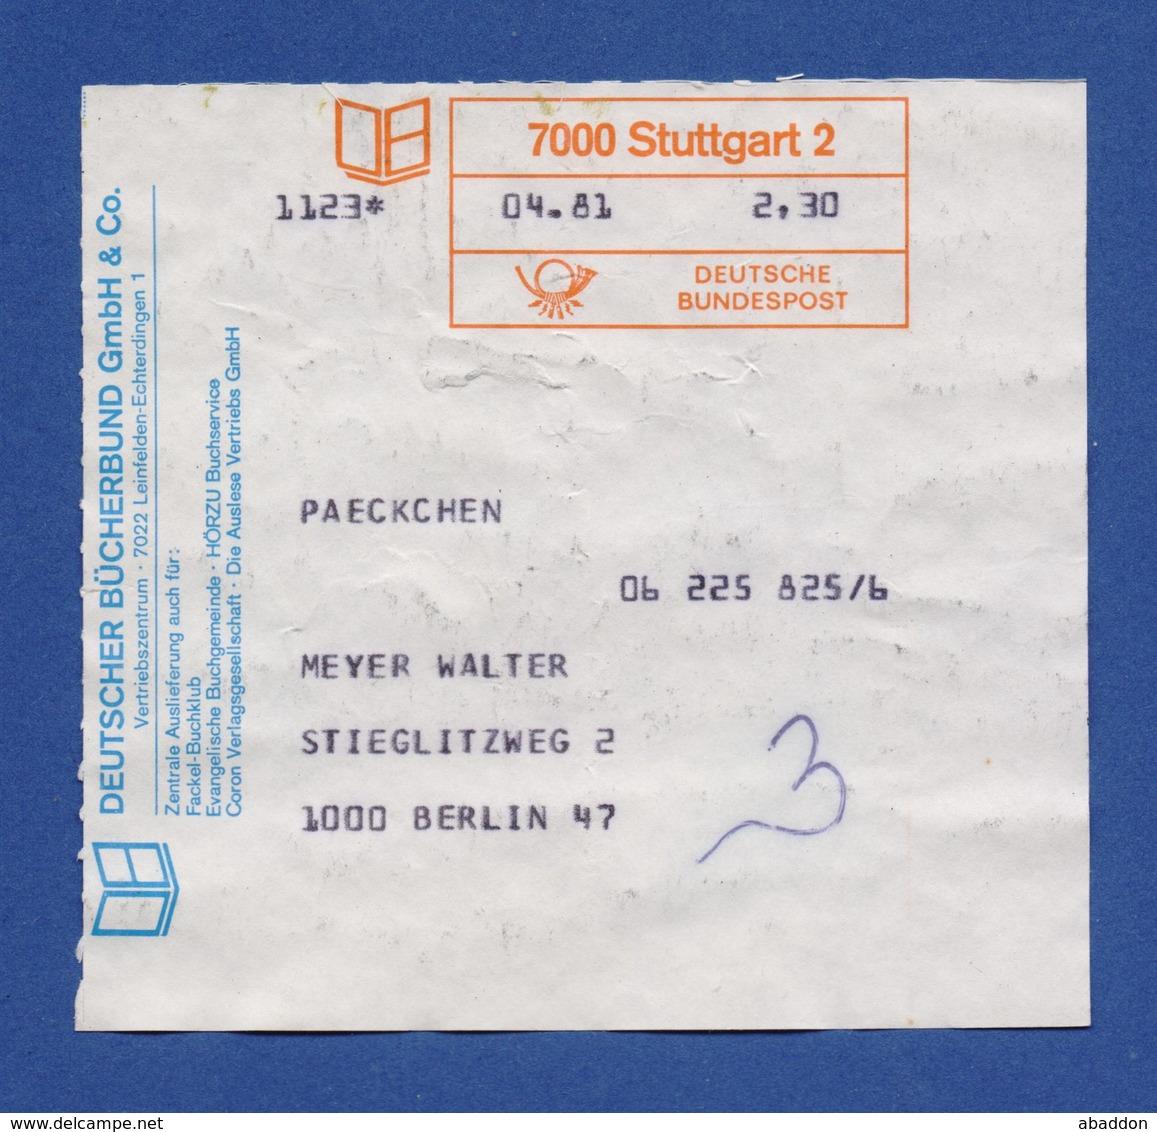 BRD Beleg Paeckchen - Deutscher Bücherbung GmbH & Co. LEINFELDEN-ECHTERDINGEN - STUTTGART - BRD